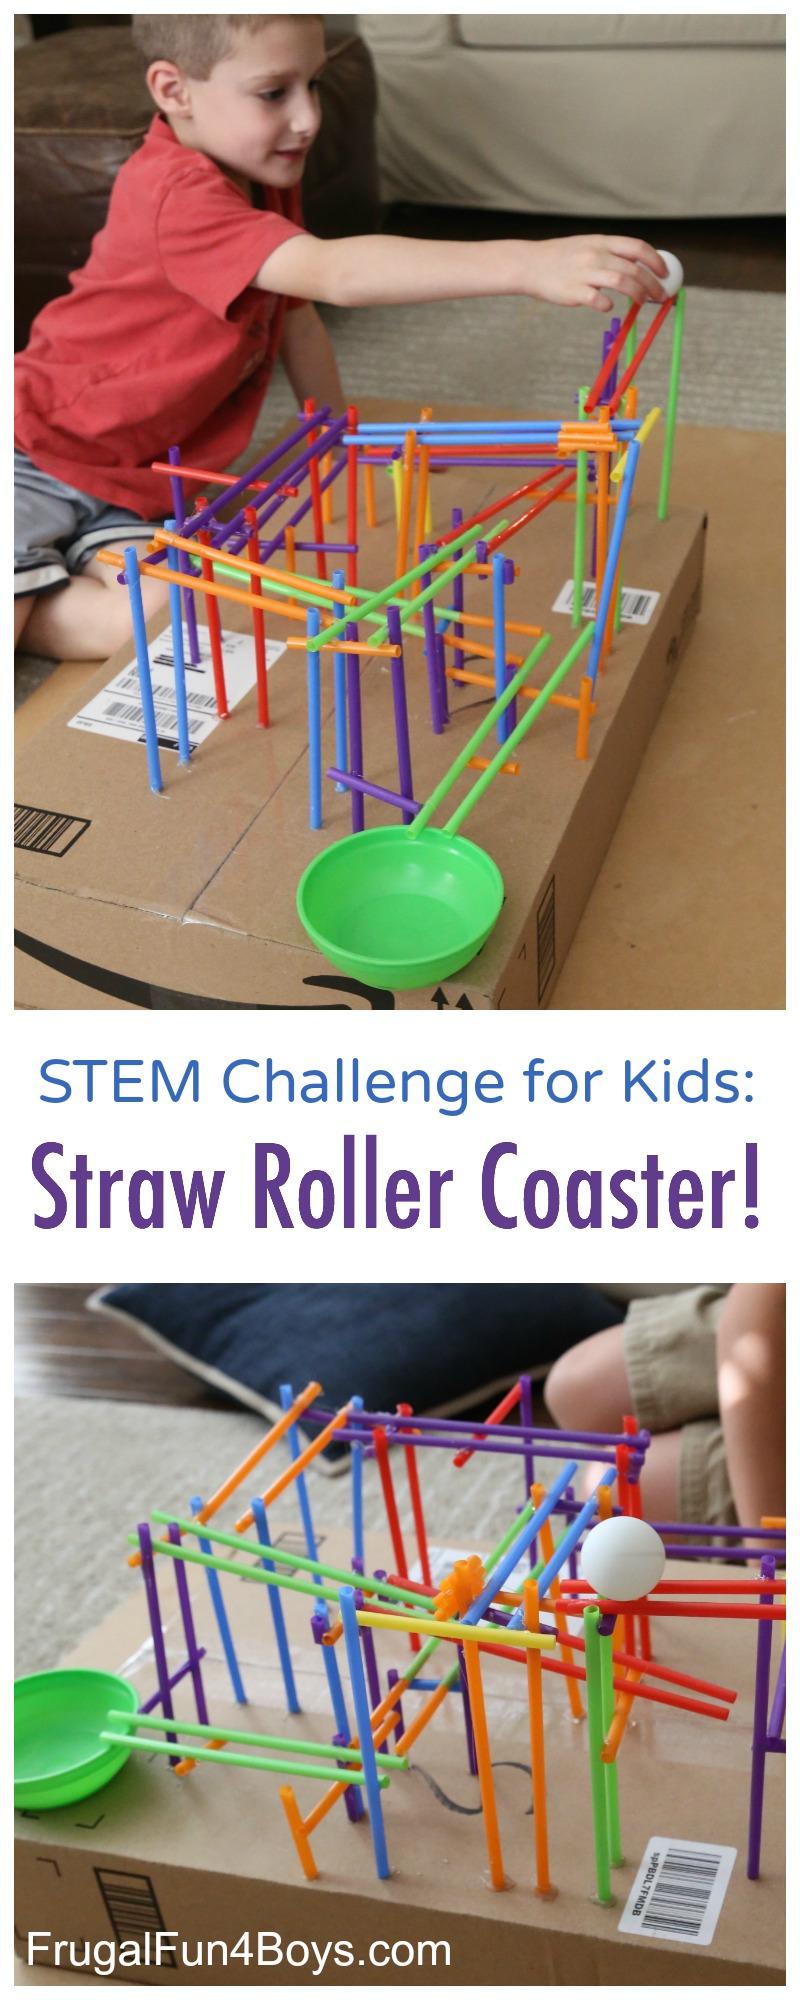 STEM Challenge for Kids: Build a Straw Roller Coaster!